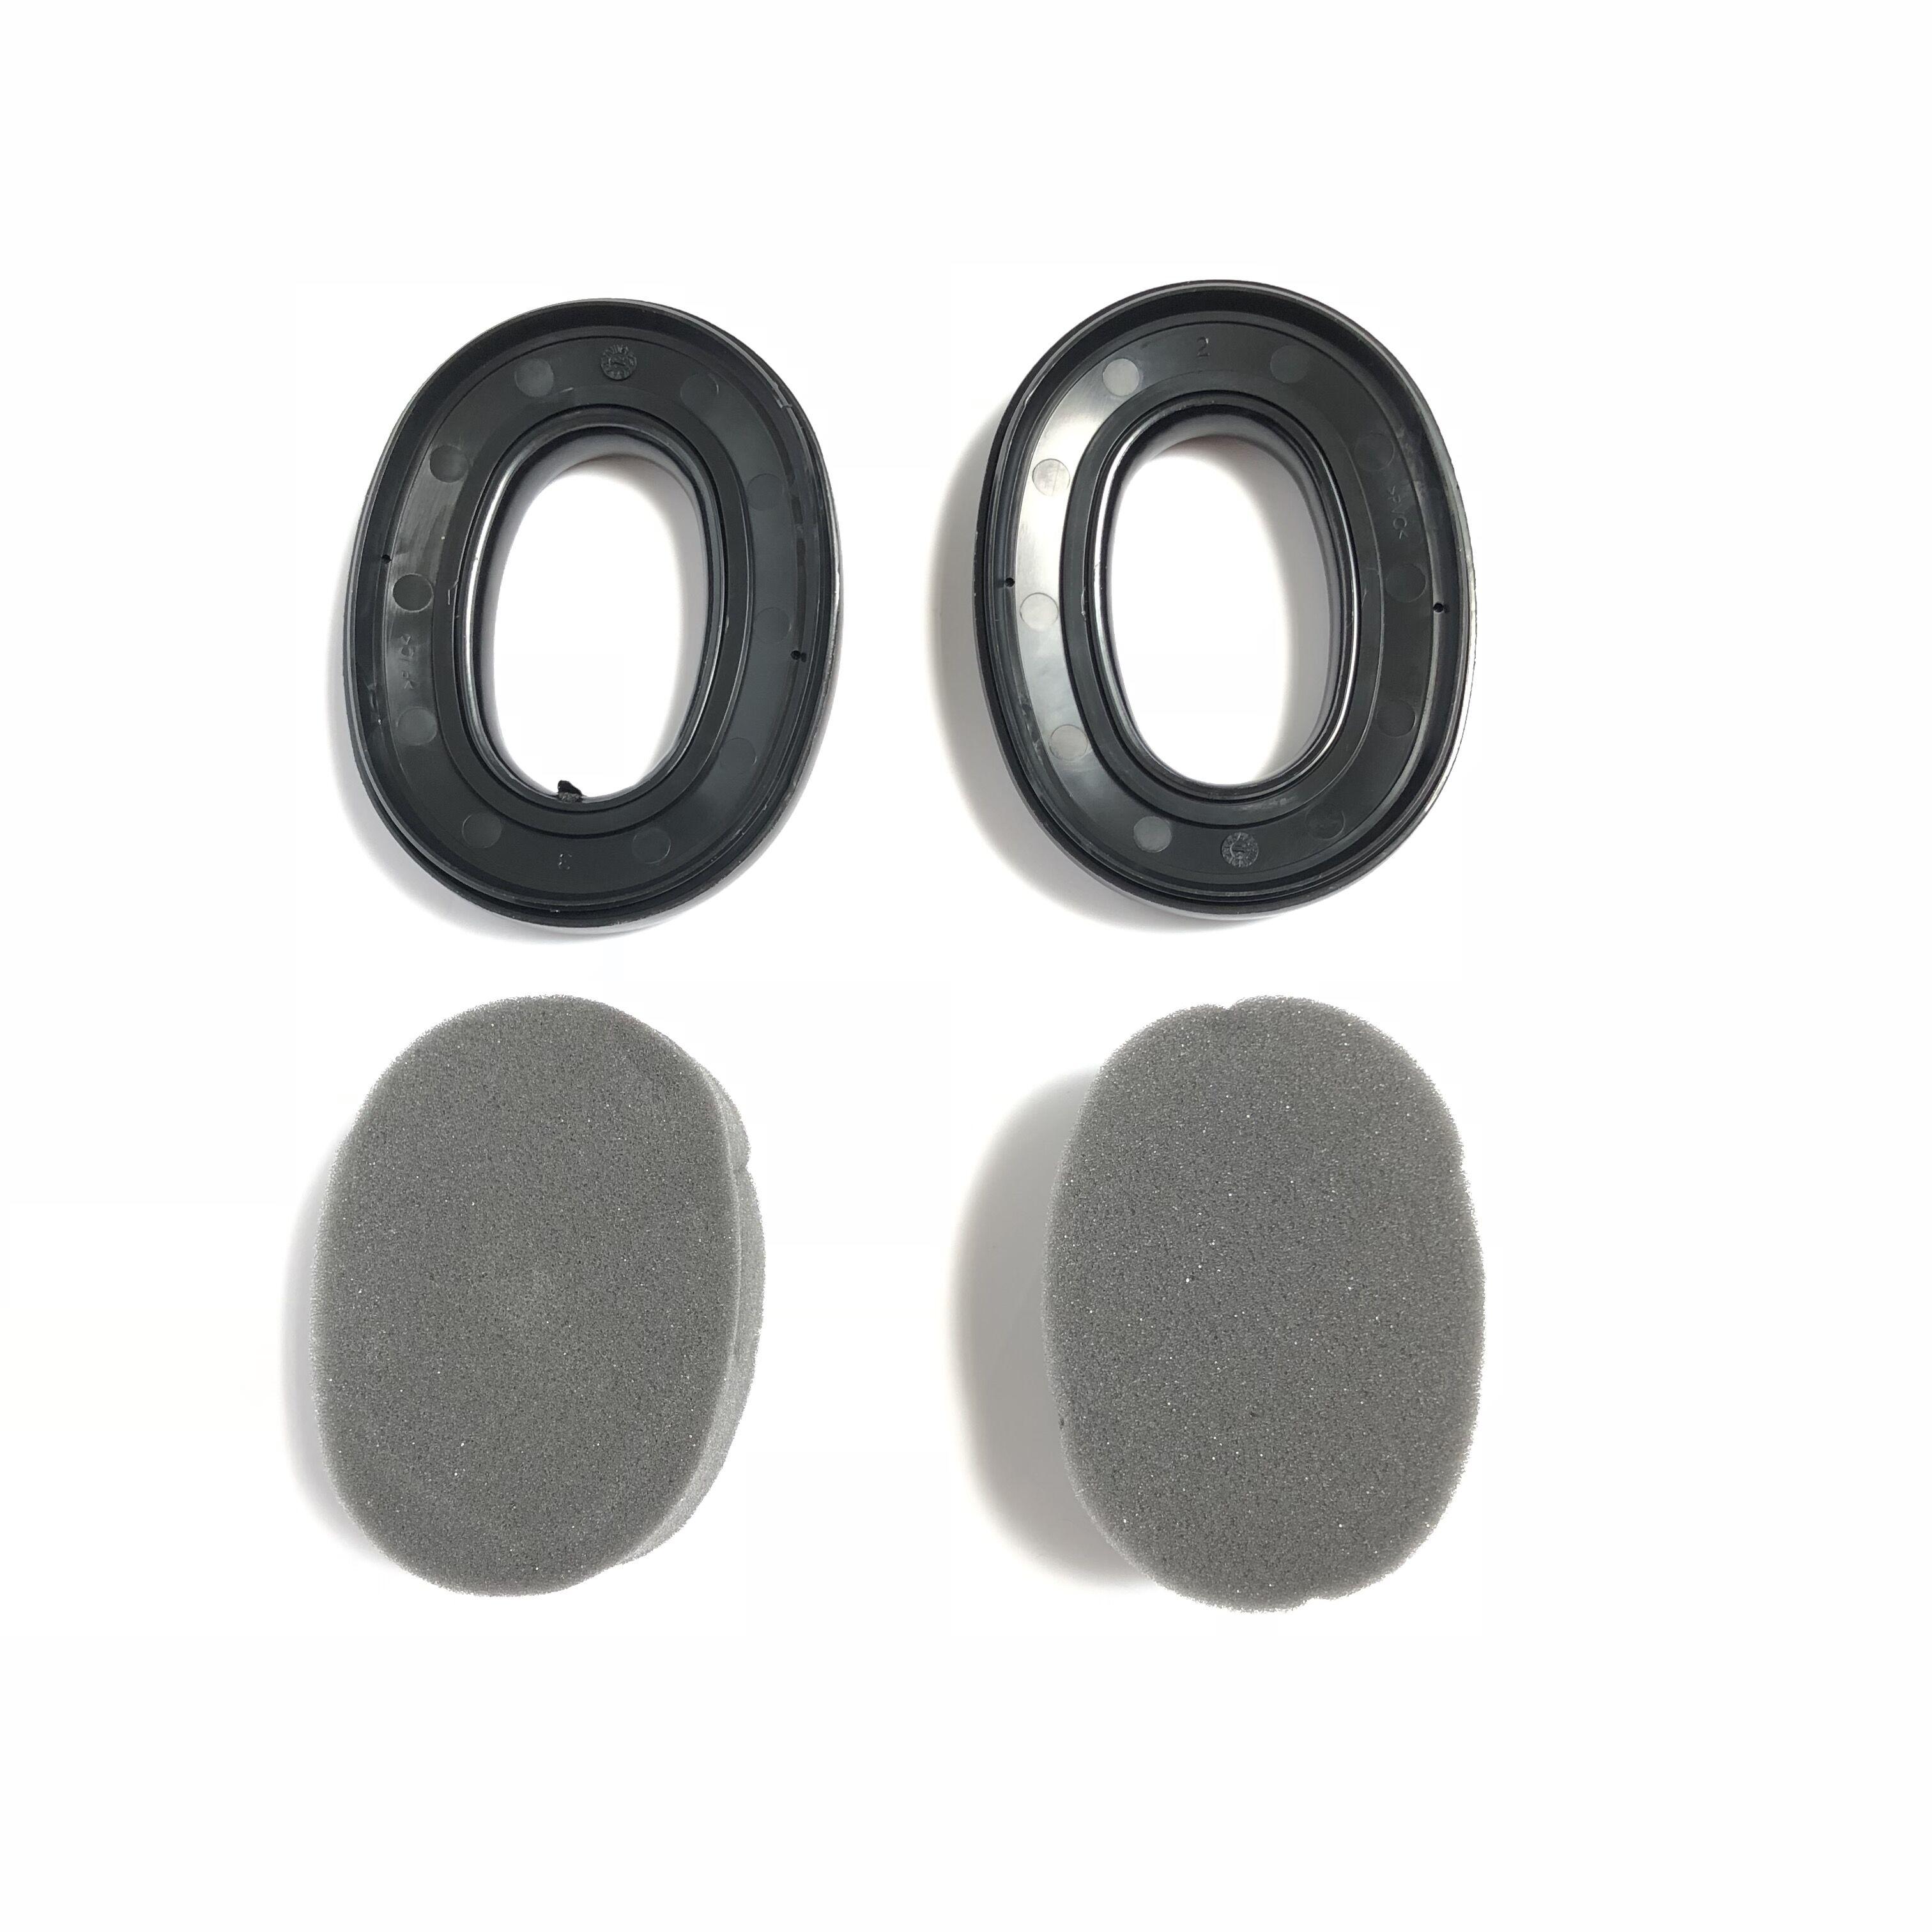 3M HY10 耳罩衬垫替换件(用于H10A/H10P3E耳罩)